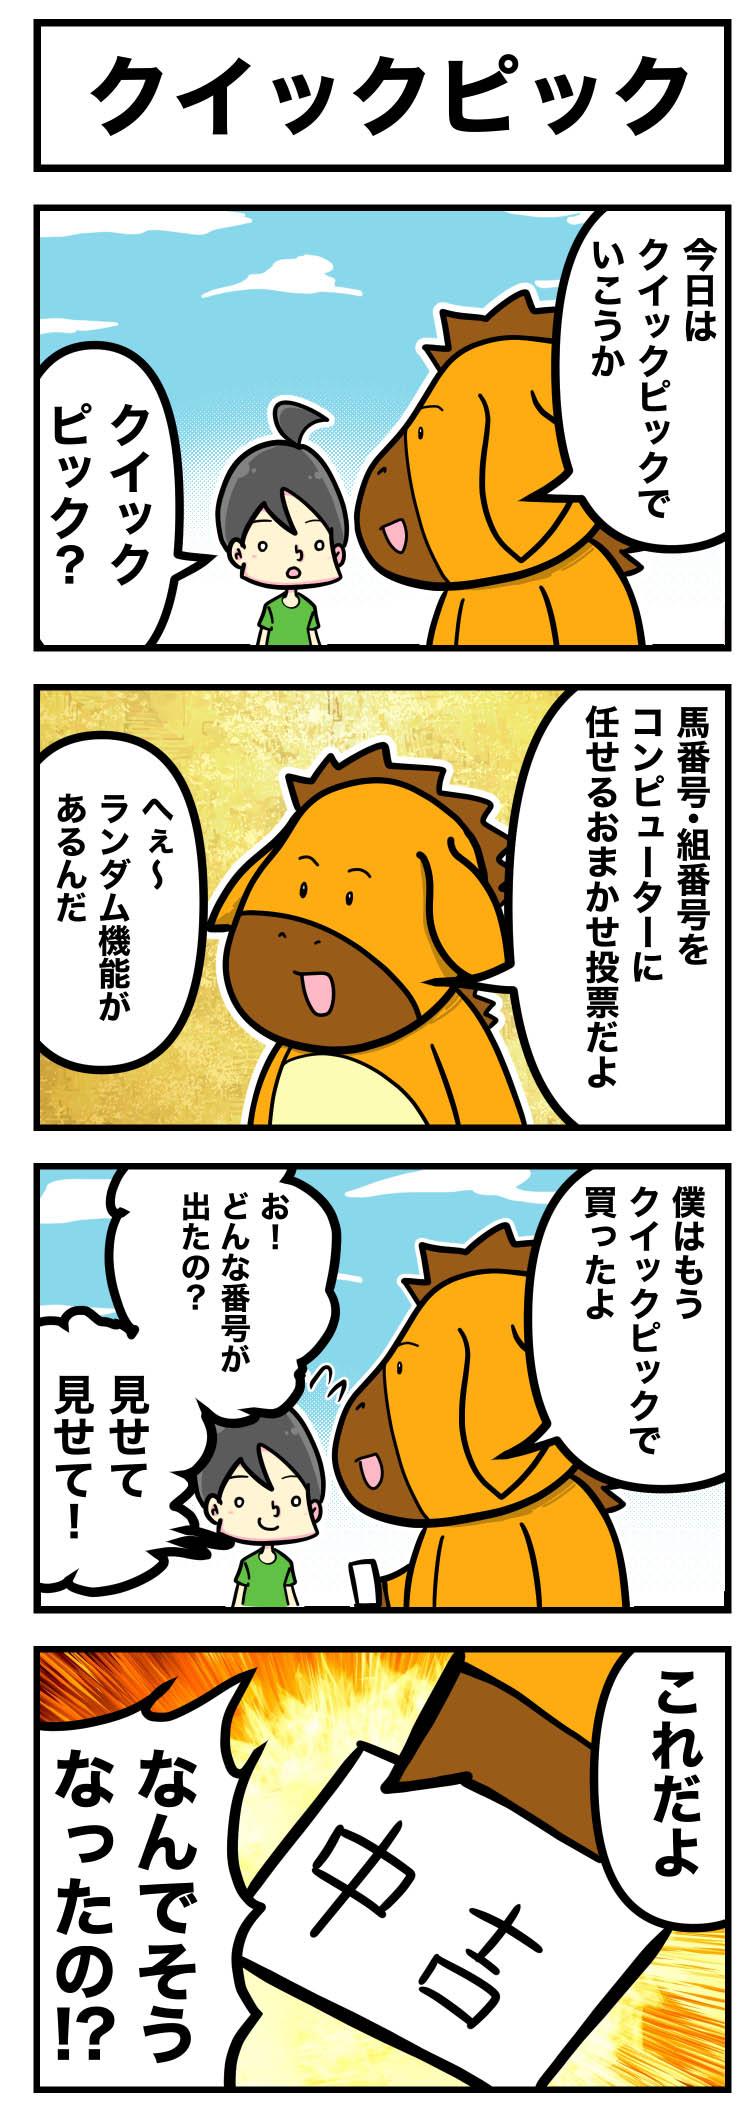 クイックピック【うま吉の鉄板穴馬マンガ】